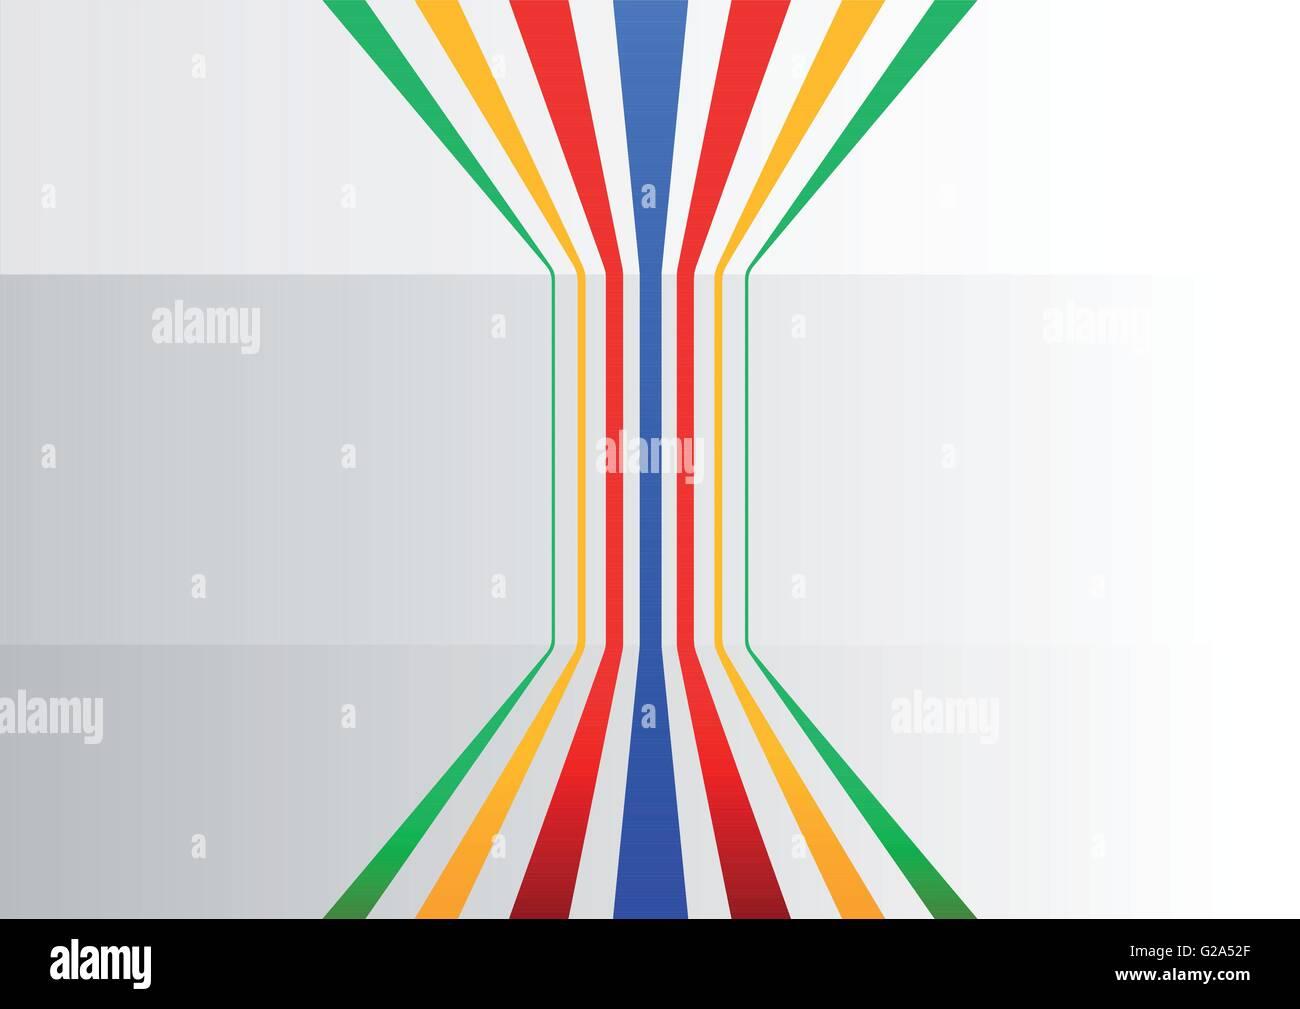 Fond d'affaires génériques colorés avec des lignes verticales branching out pour symboliser l'information Photo Stock